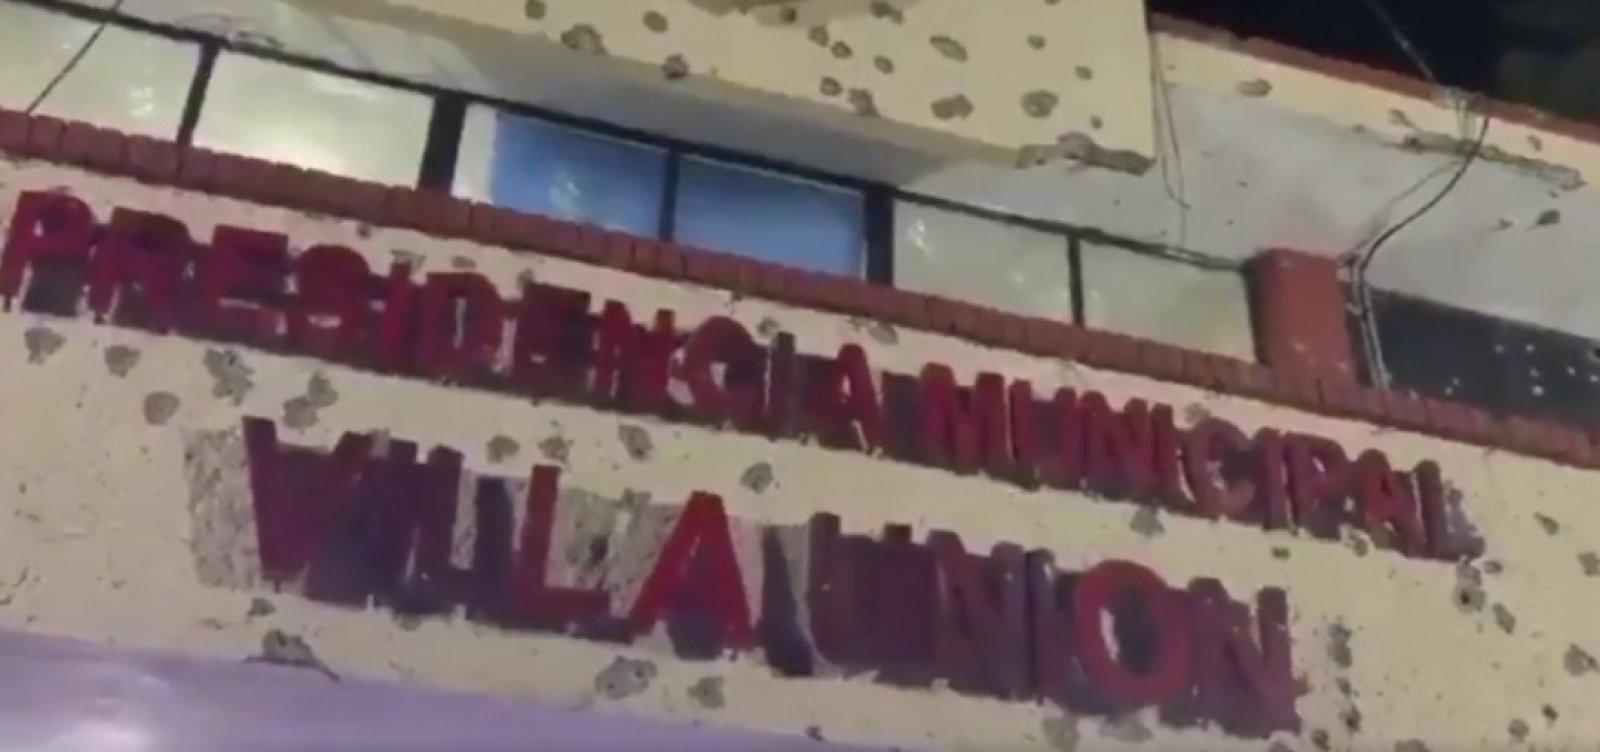 Tiroteio deixa ao menos 14 mortos no México